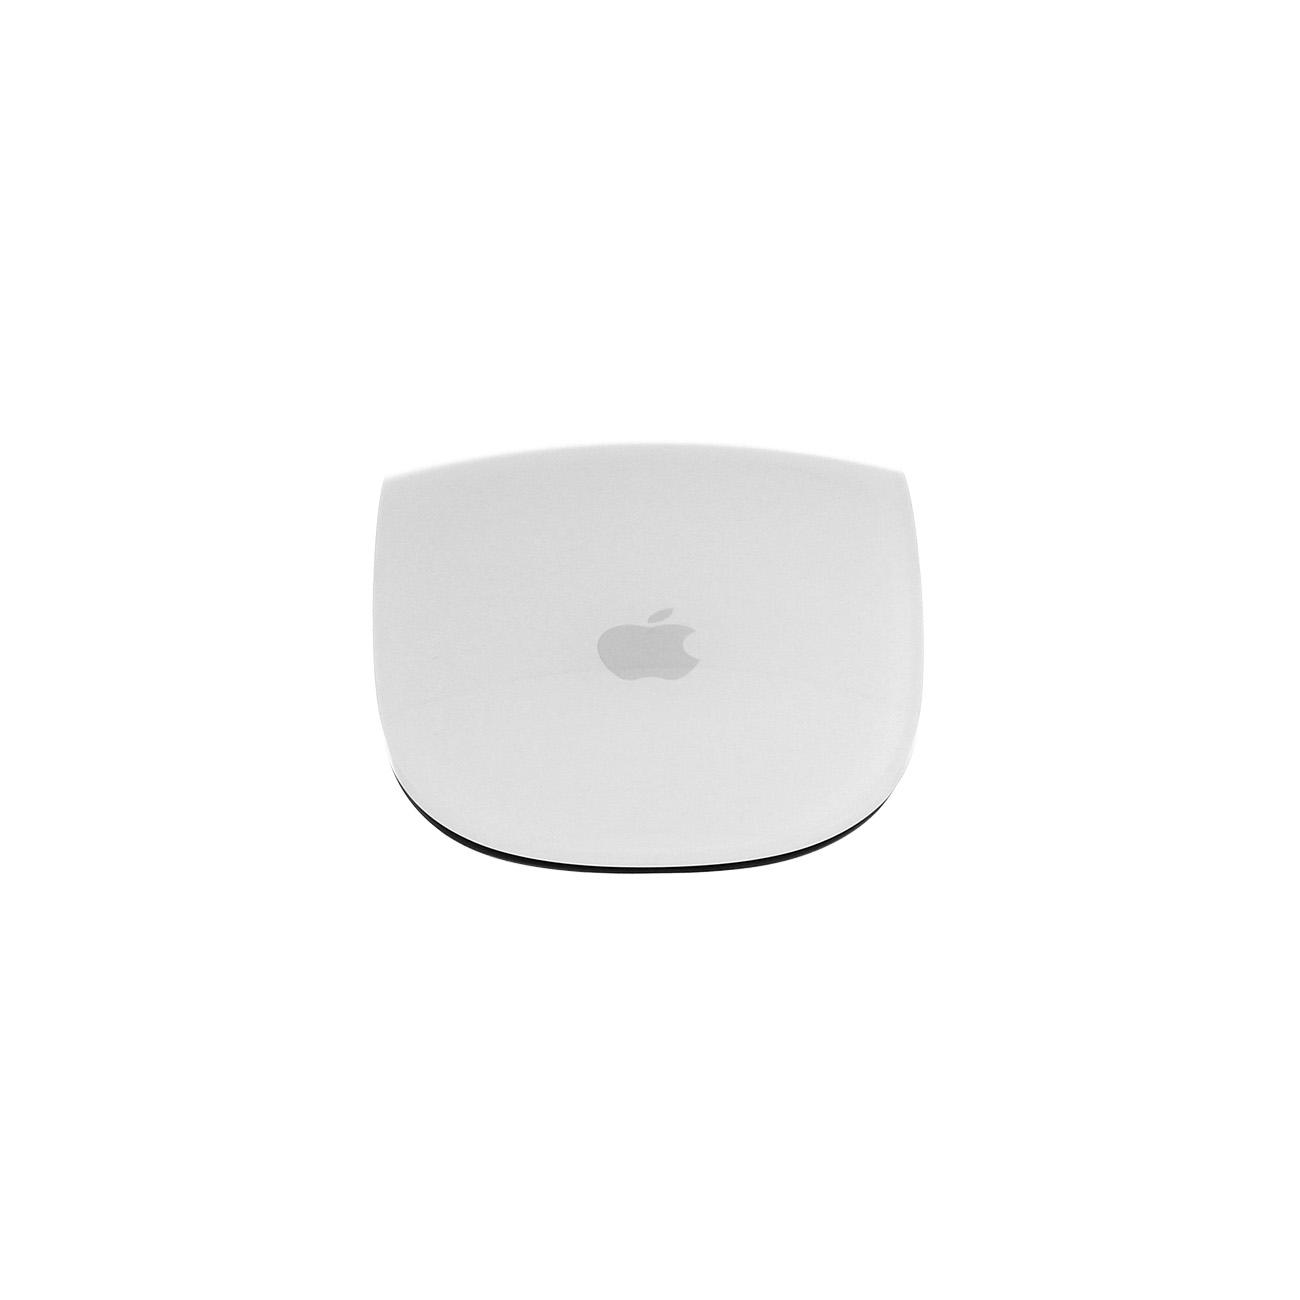 Купить Мышь беспроводная Apple Apple Magic Mouse MB829ZM/B недорого